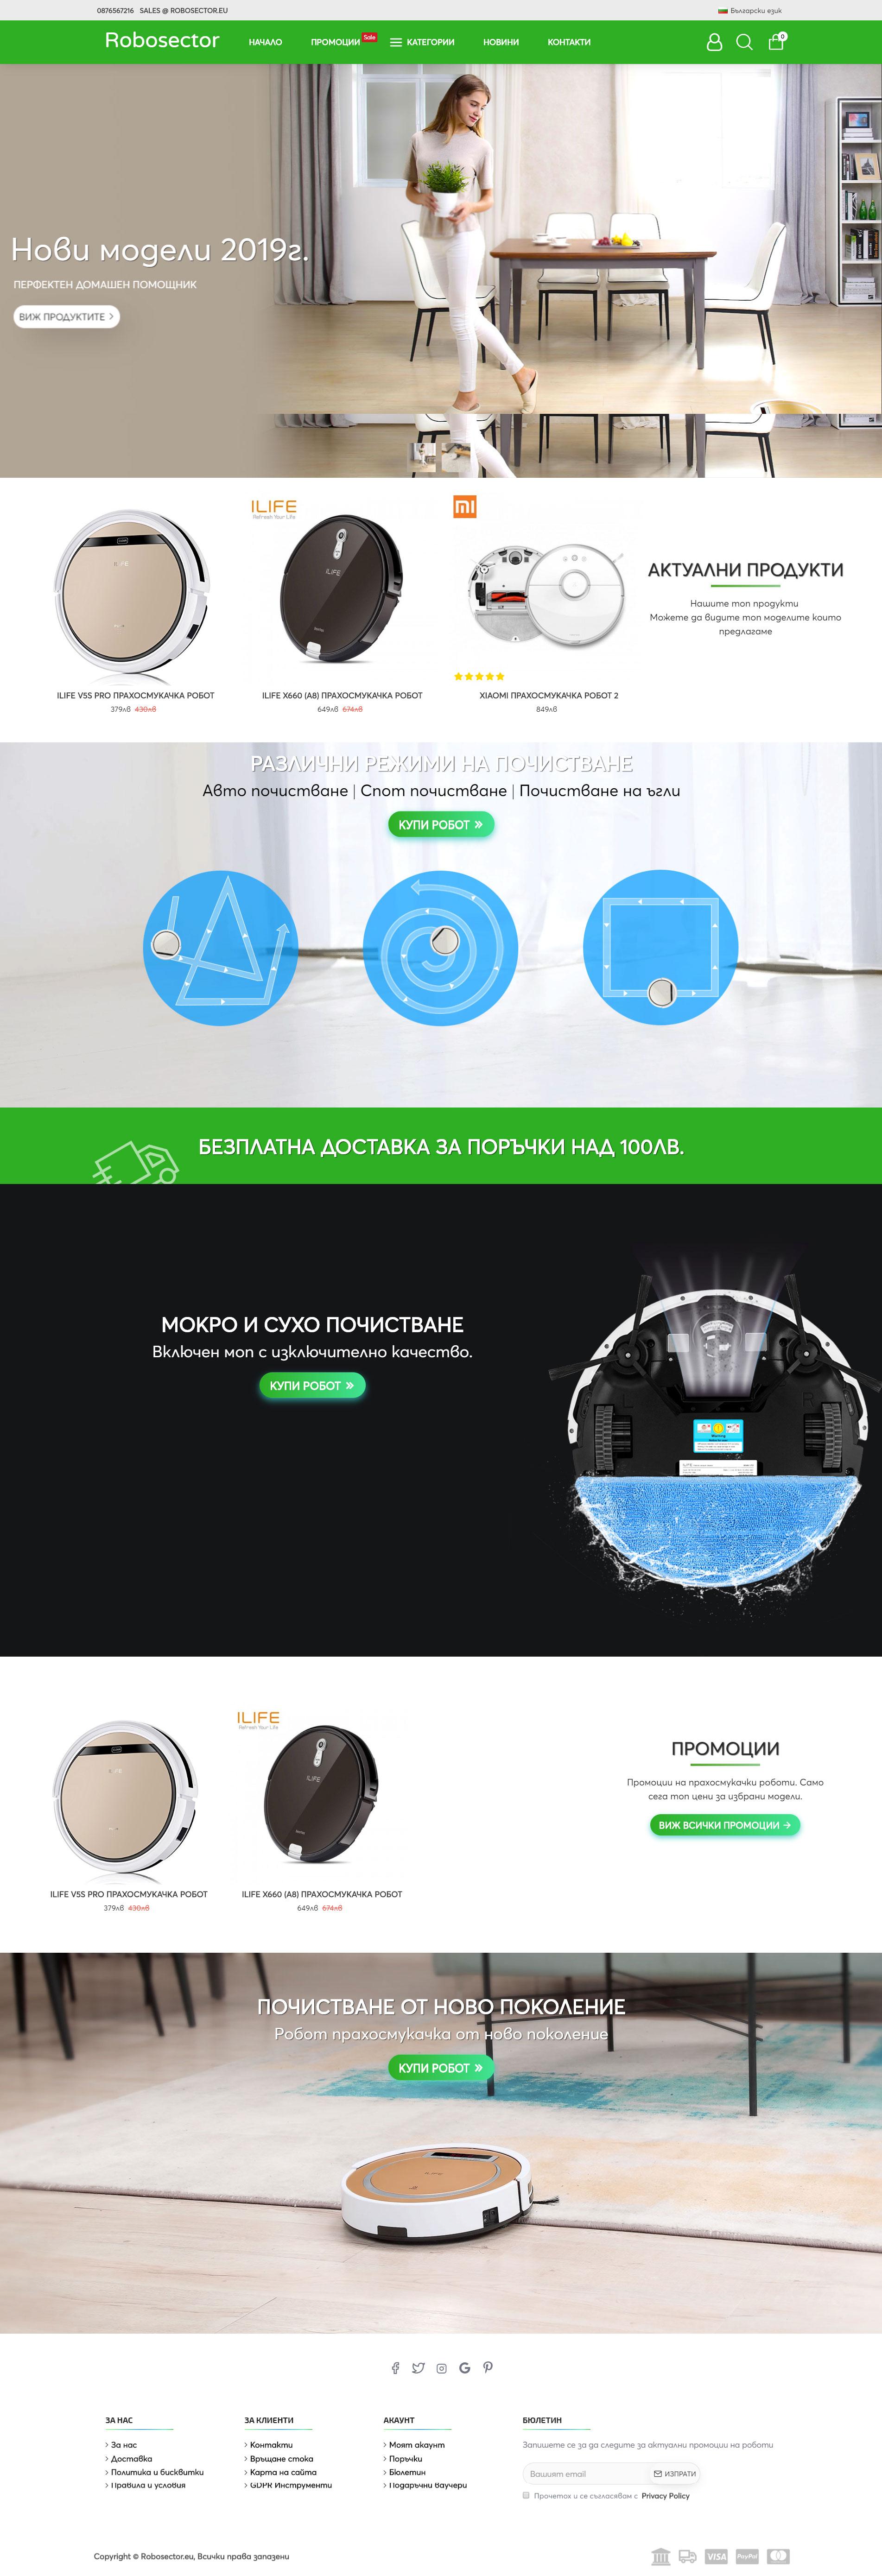 Robosector.eu - Онлайн магазин за прахосмукачки роботи Xiaomi , Ilife, Maya и други